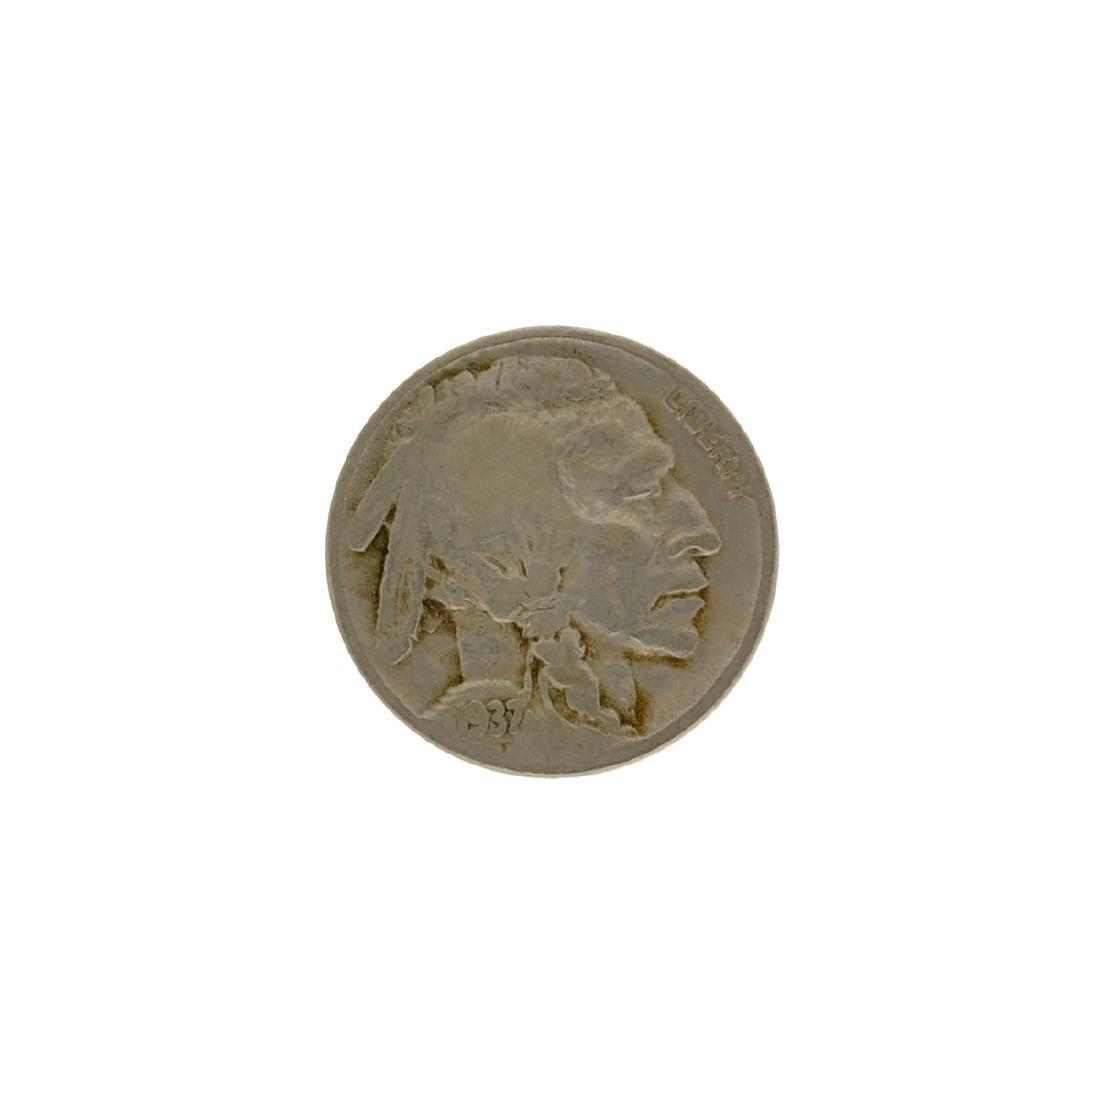 Rare 1937-D 3 Leg Buffalo Nickel Coin